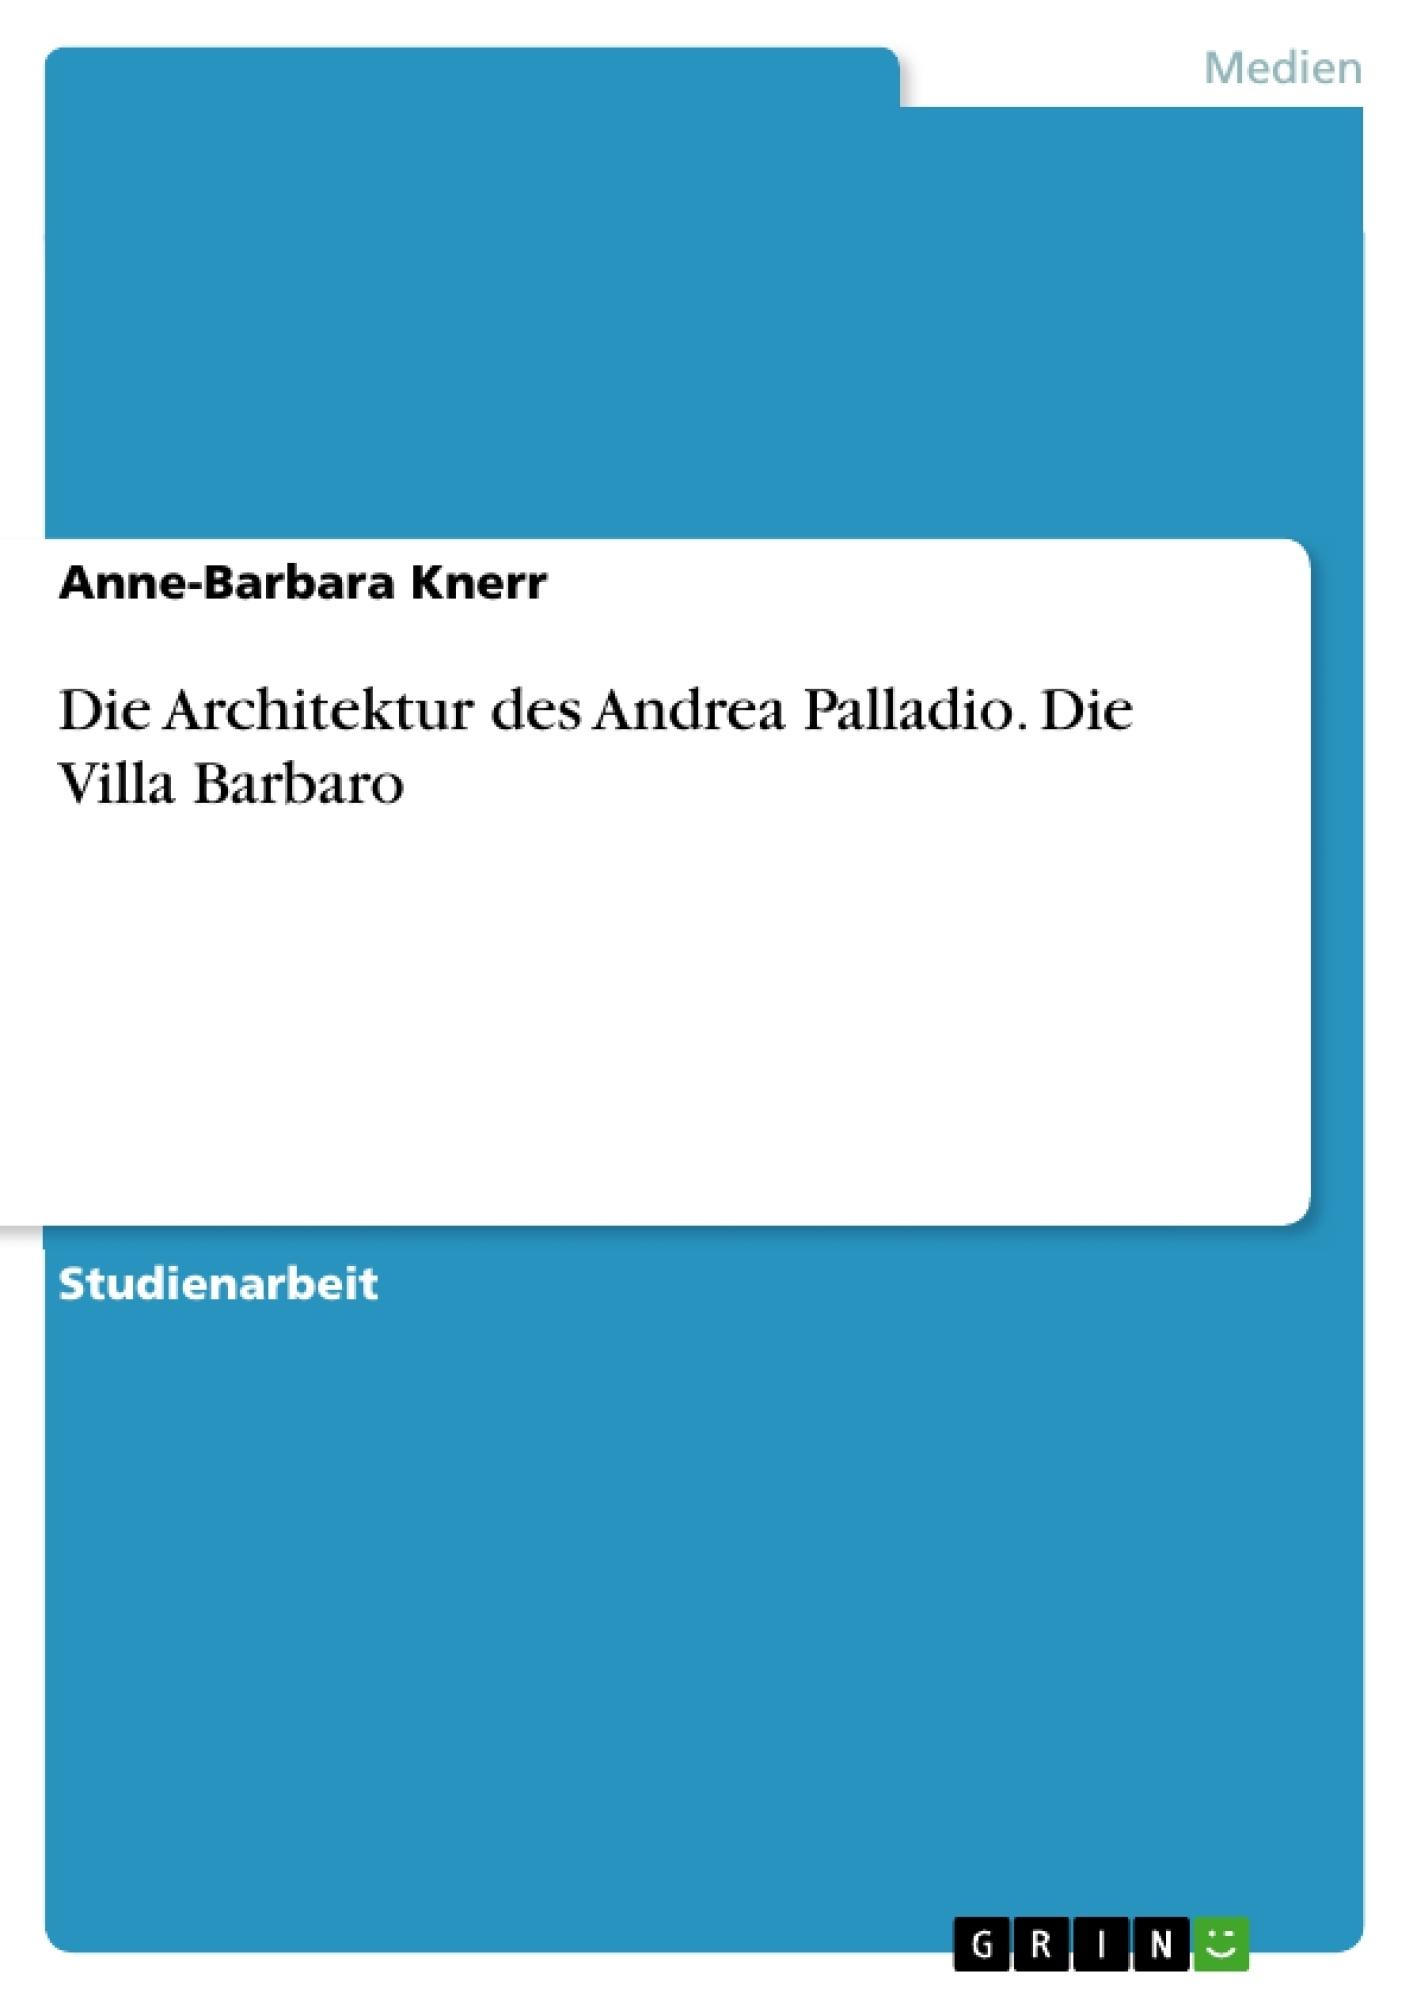 Titel: Die Architektur des Andrea Palladio. Die Villa Barbaro